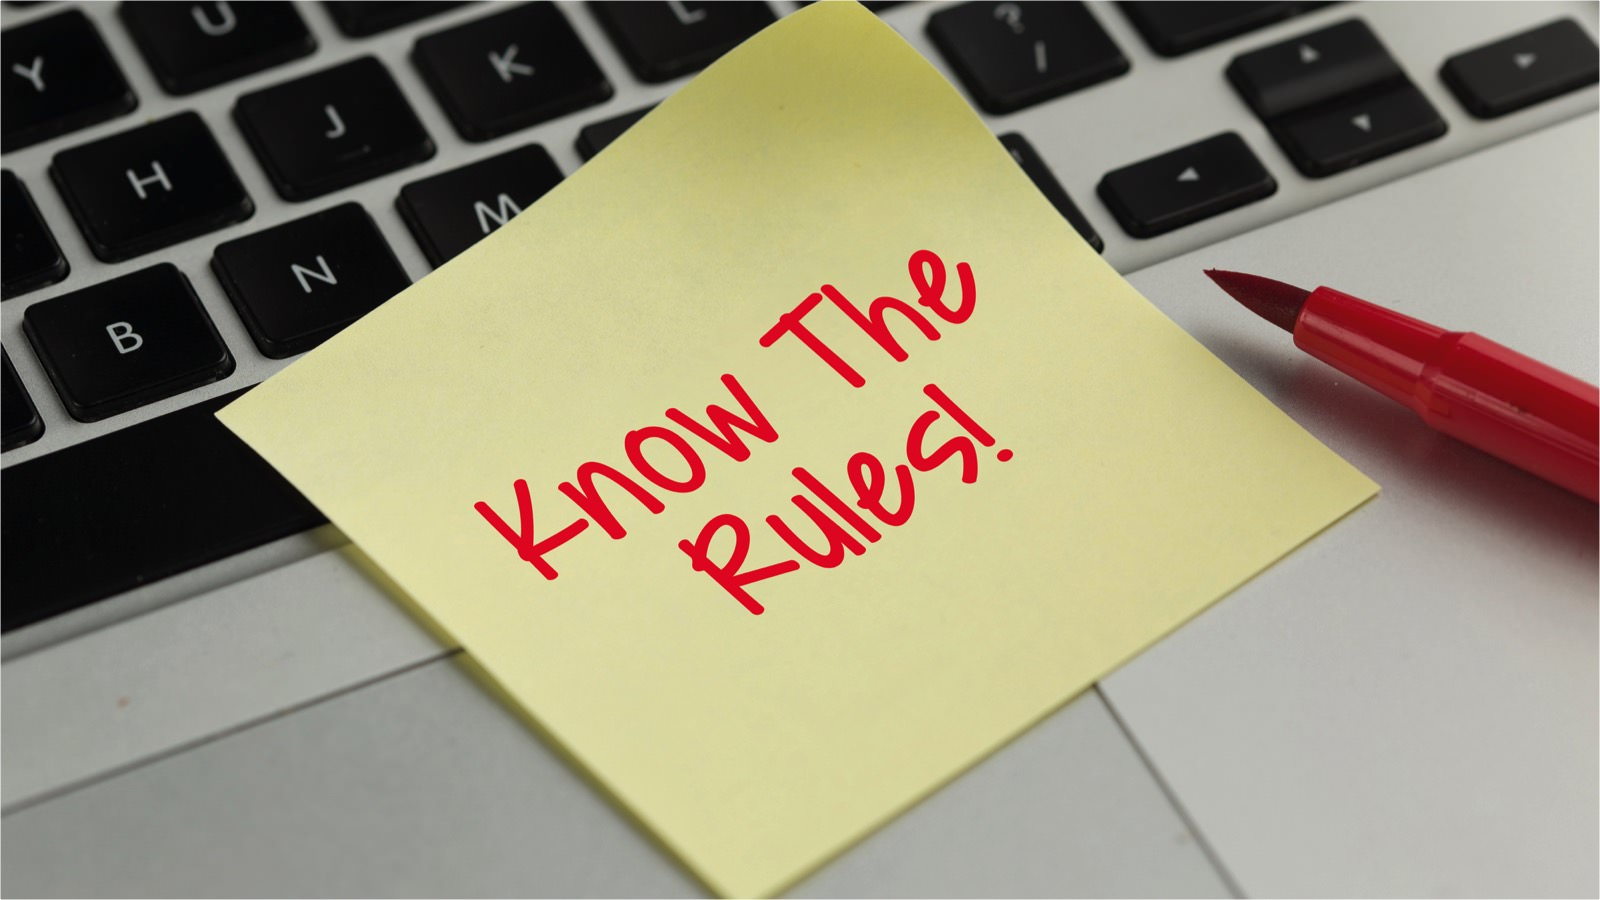 企業アカウント担当者は注意!インスタの運用ルールを最適化